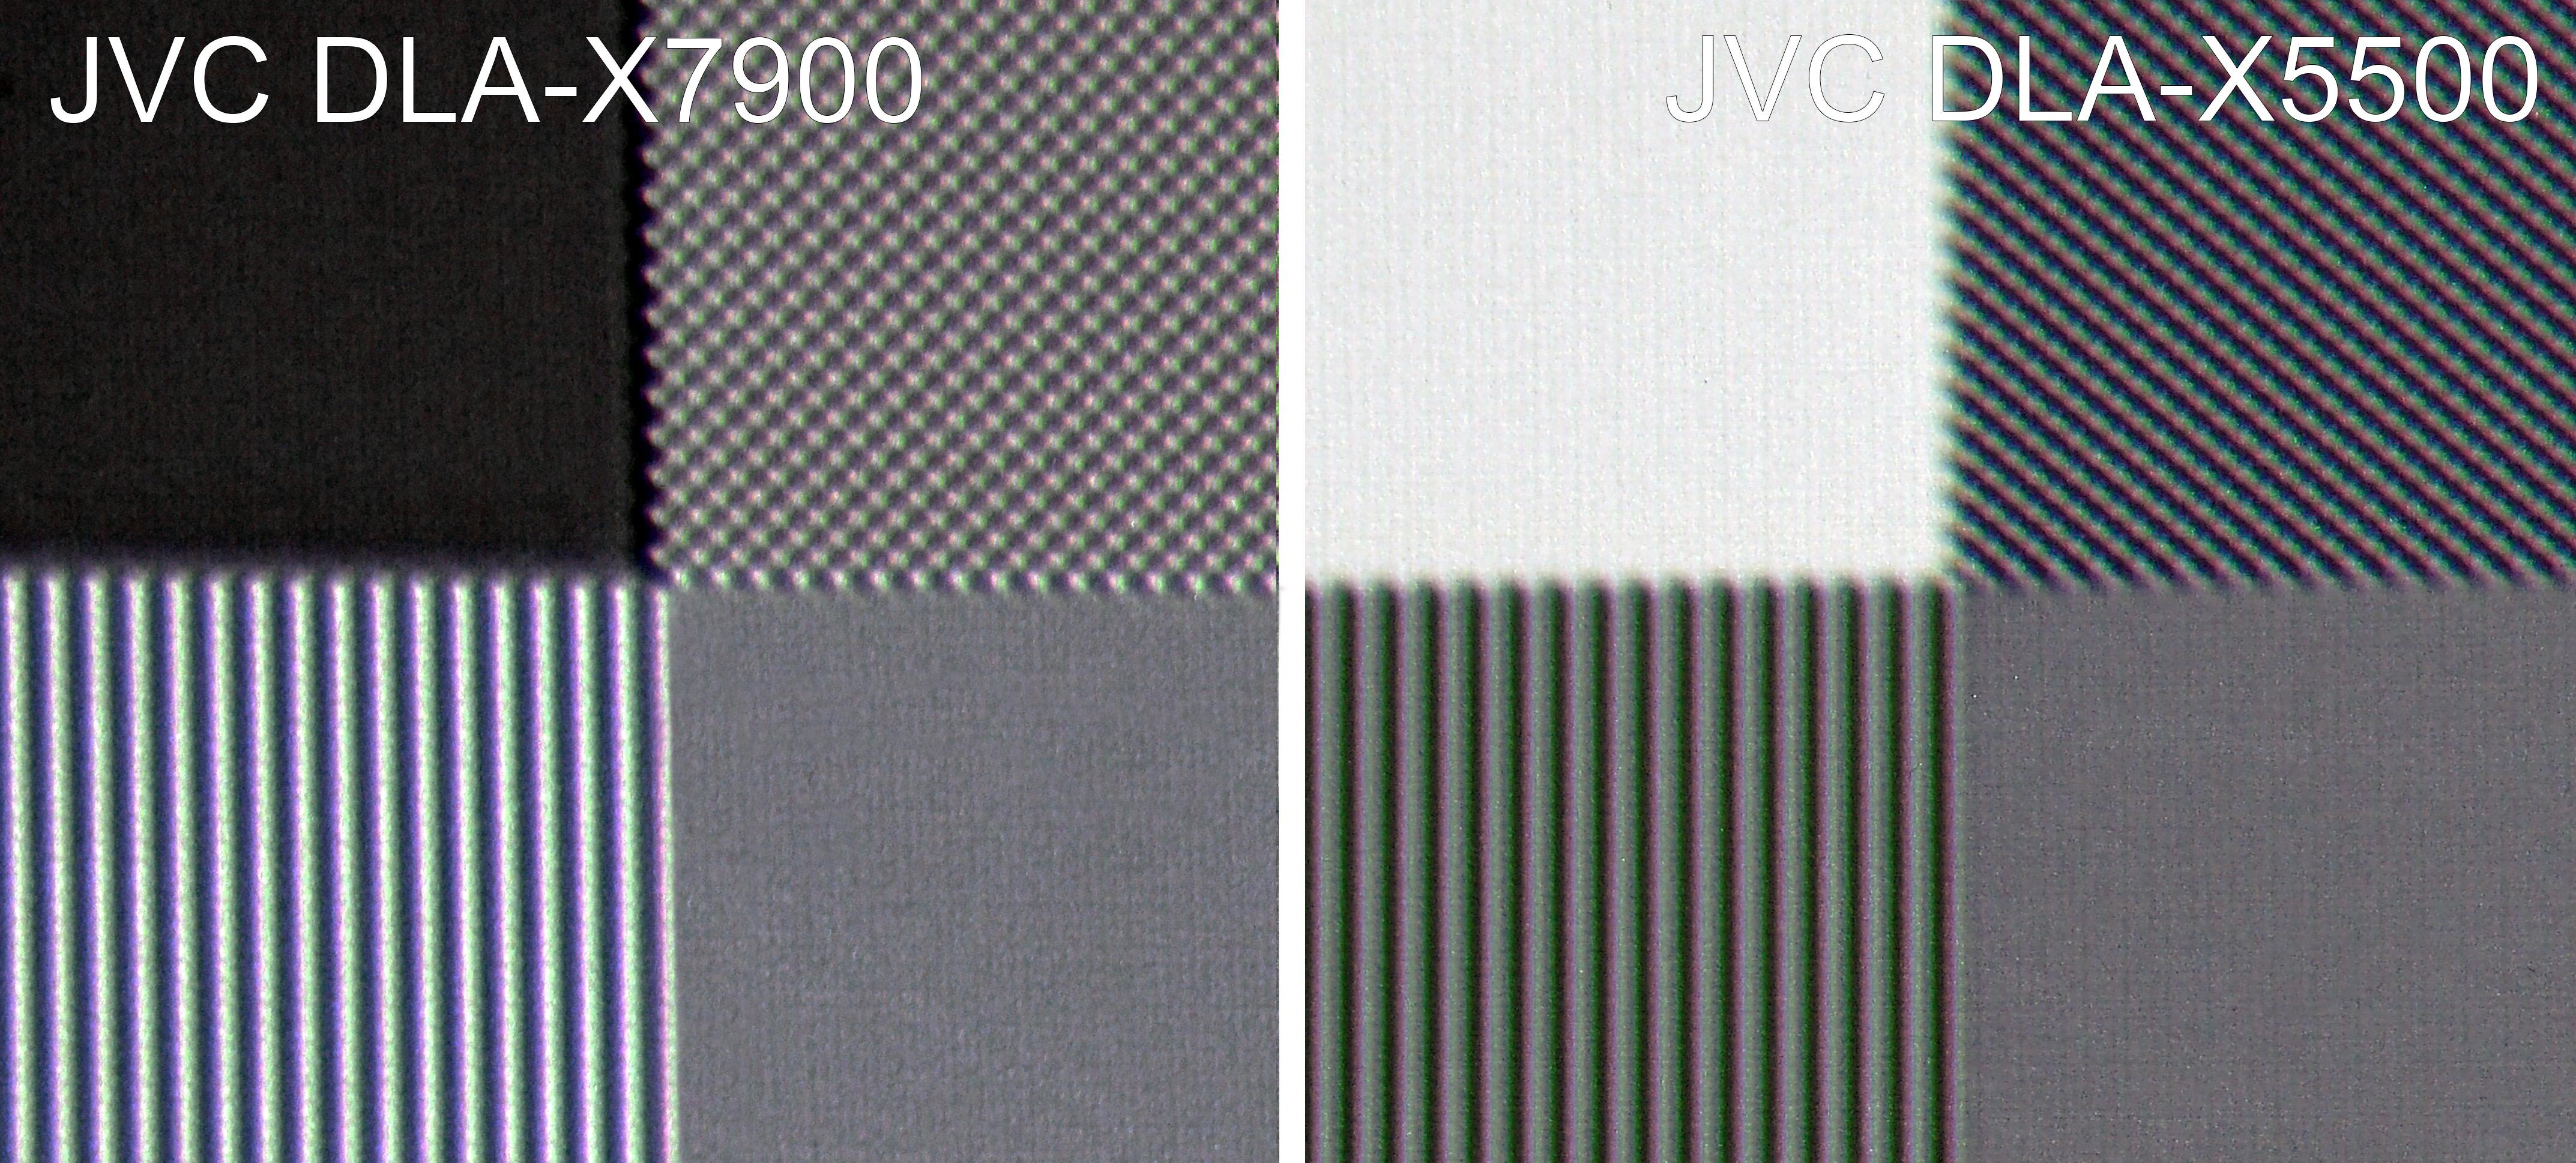 UHD-Pixelauflösung: Oben links enthält das Testbild ein Schachbrettmuster in UHD-Pixelauflösung. Der JVC DLA-X7900 besitzt e-Shift-5 und der DLA-X5500 die Version e-Shift-4.